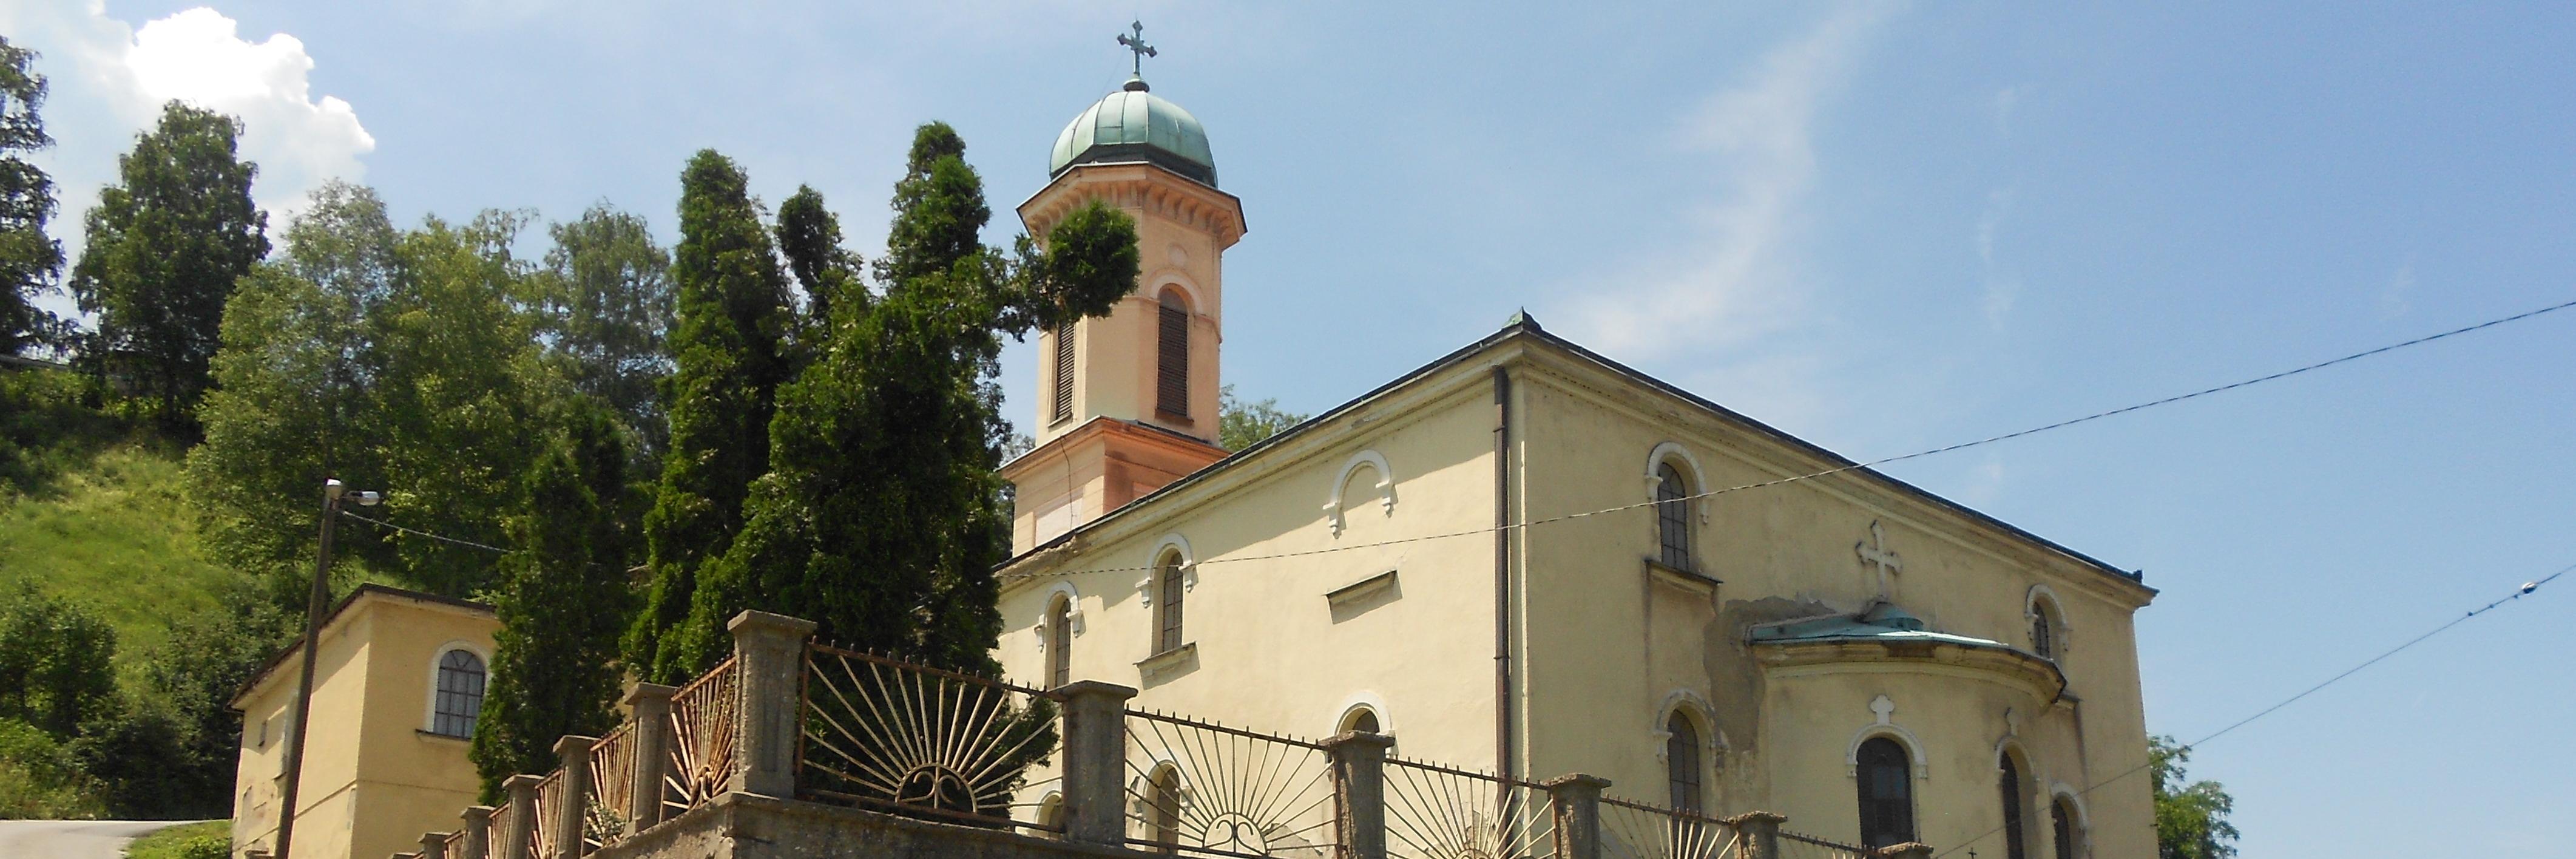 Церковь св. Прокопия в Високо. Фото: Елена Арсениевич, CC BY-SA 3.0